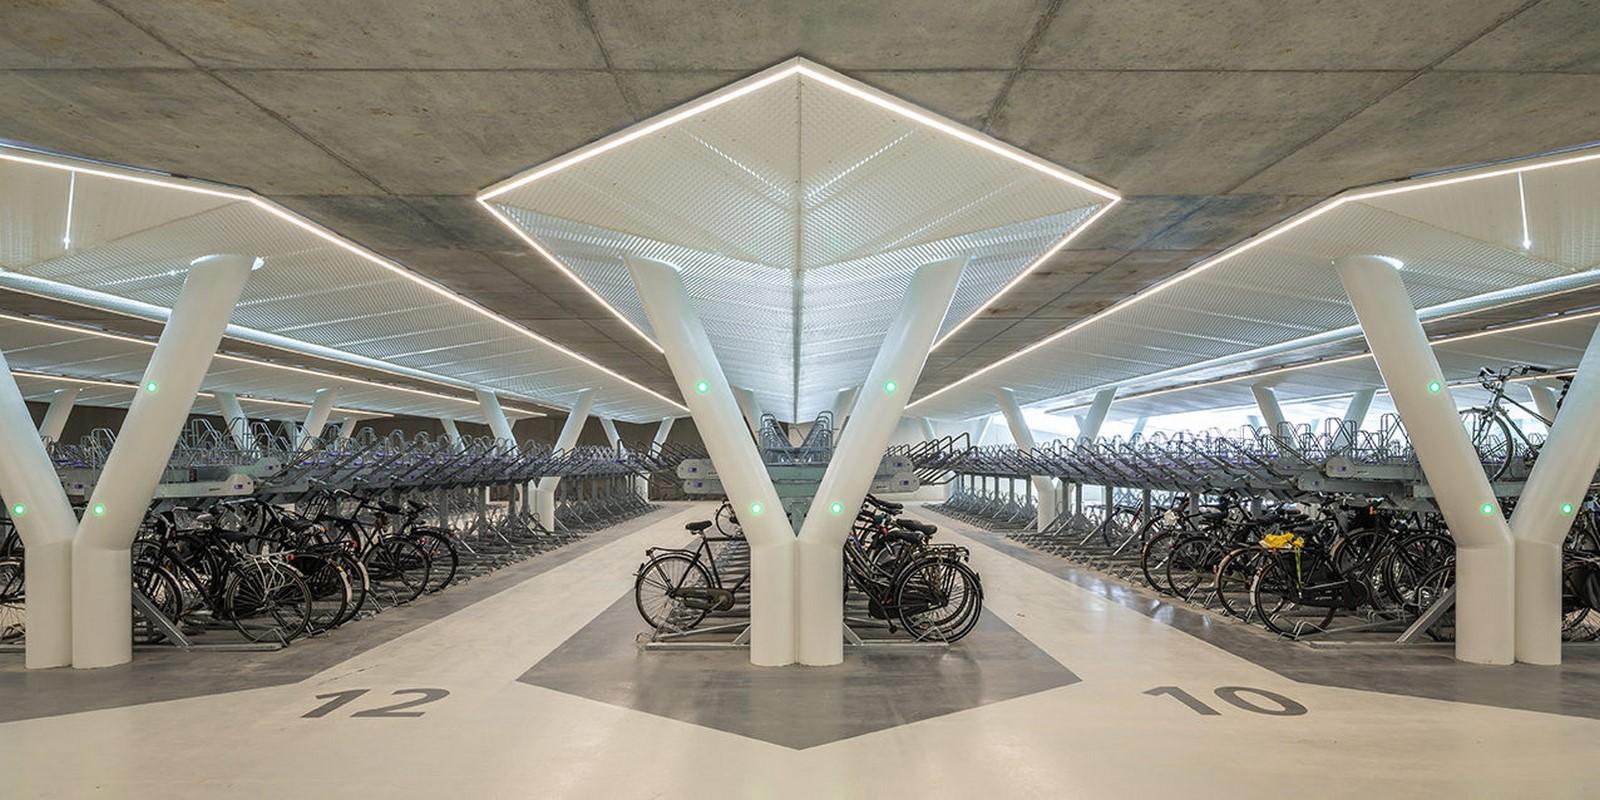 Strawinskylaan Bicycle Parking - Sheet2